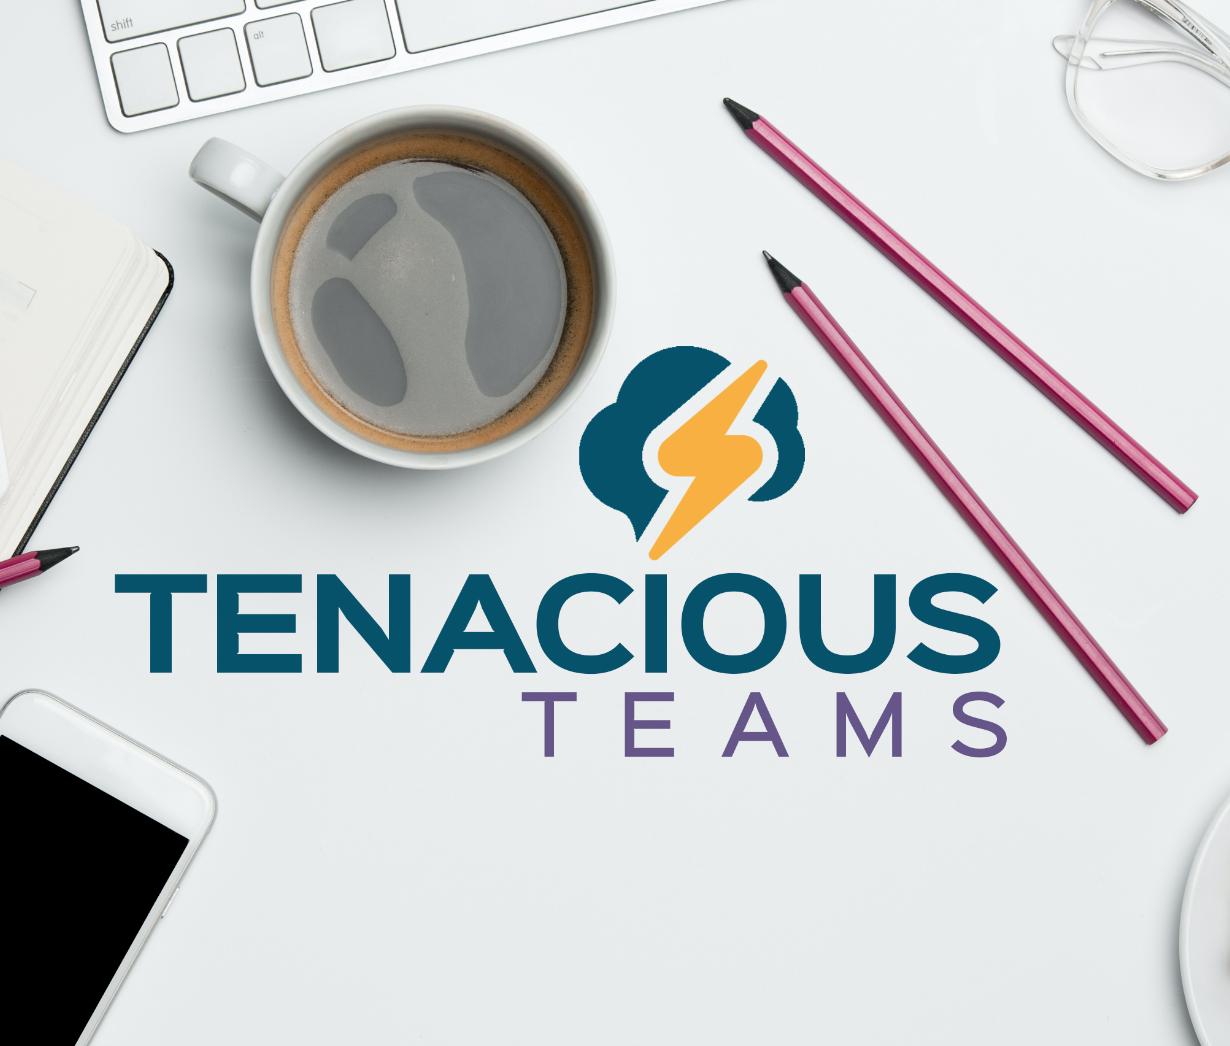 Tenacious Teams